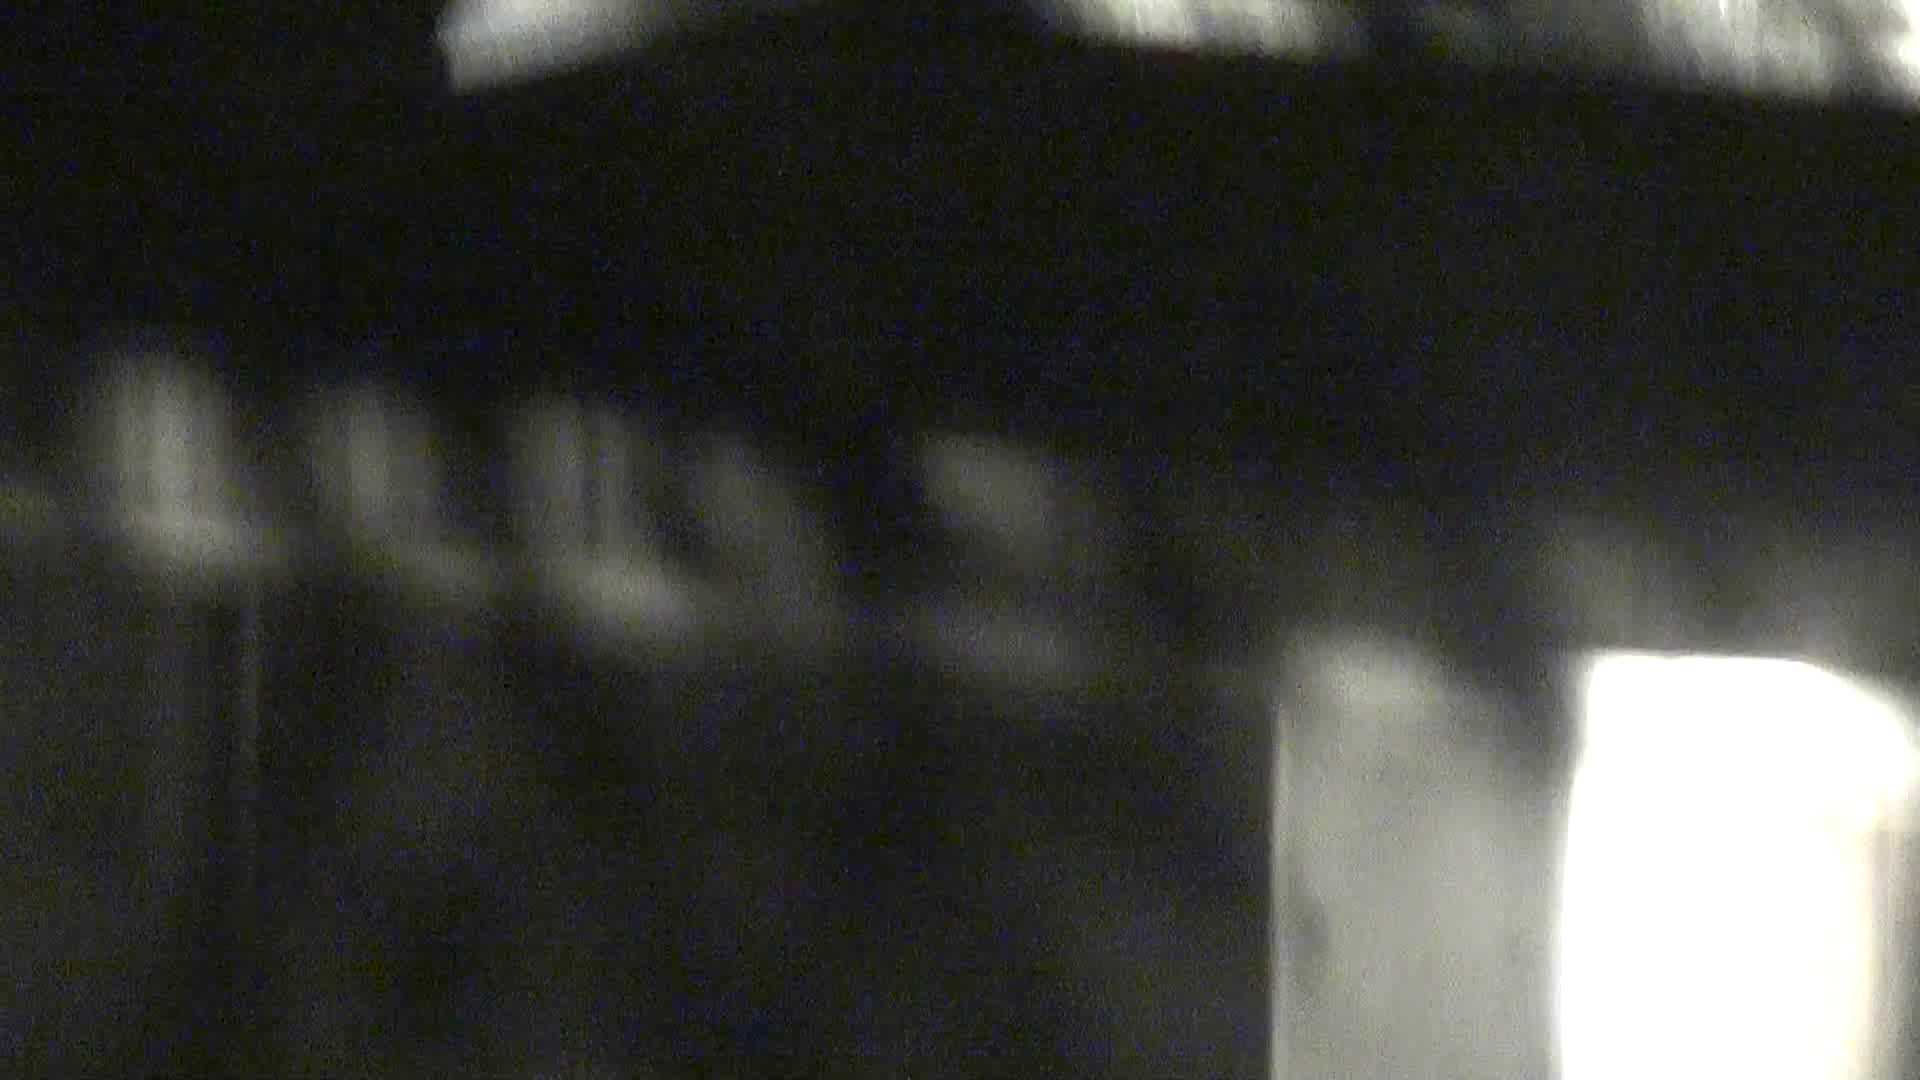 Aquaな露天風呂Vol.318 美しいOLの裸体   盗撮師作品  105pic 25